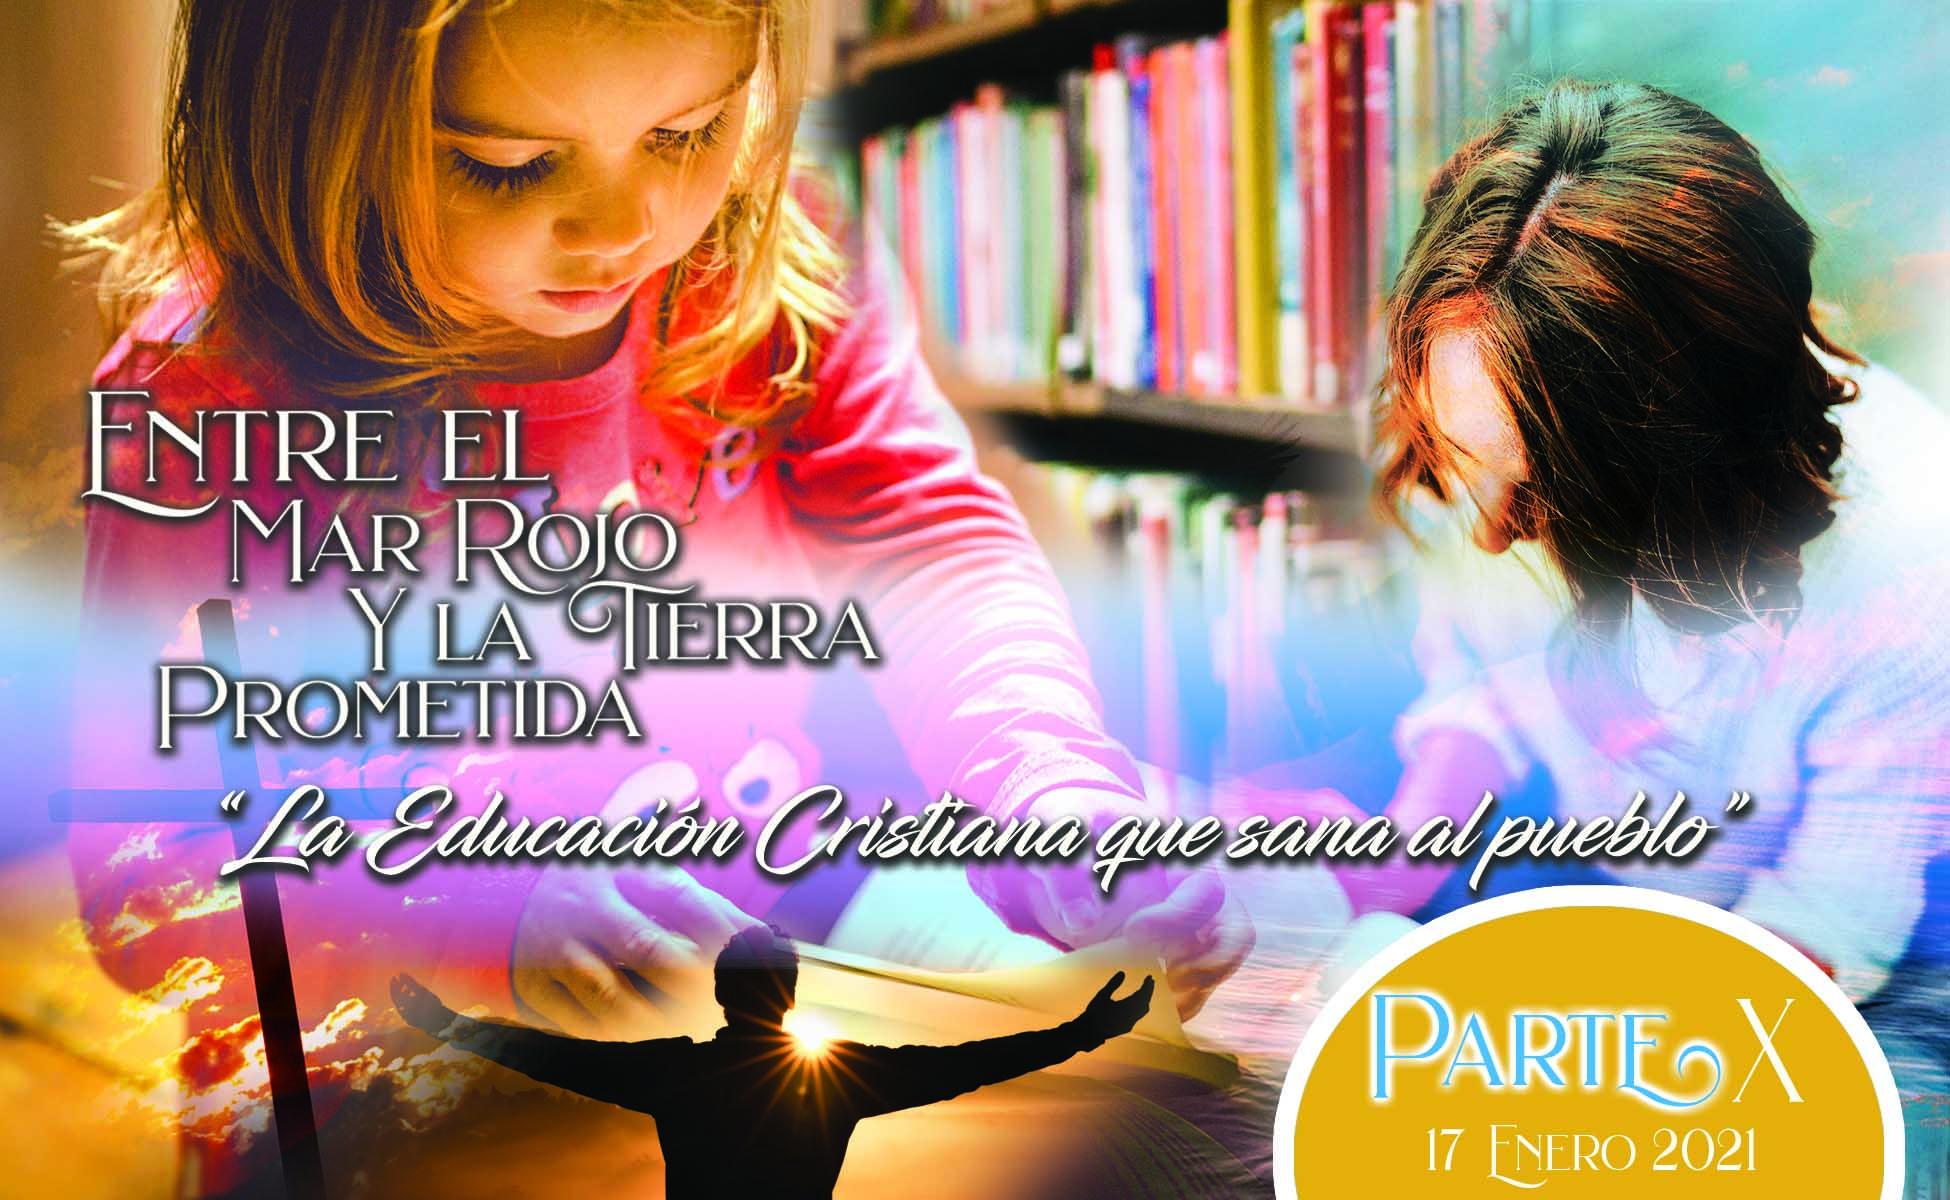 """779 • Entre el Mar Rojo y la Tierra Prometida: """"La Educación Cristiana que sana al pueblo"""" [Parte X] • El Heraldo Digital del 17 de enero del 2021 • Volumen XVI • 779"""